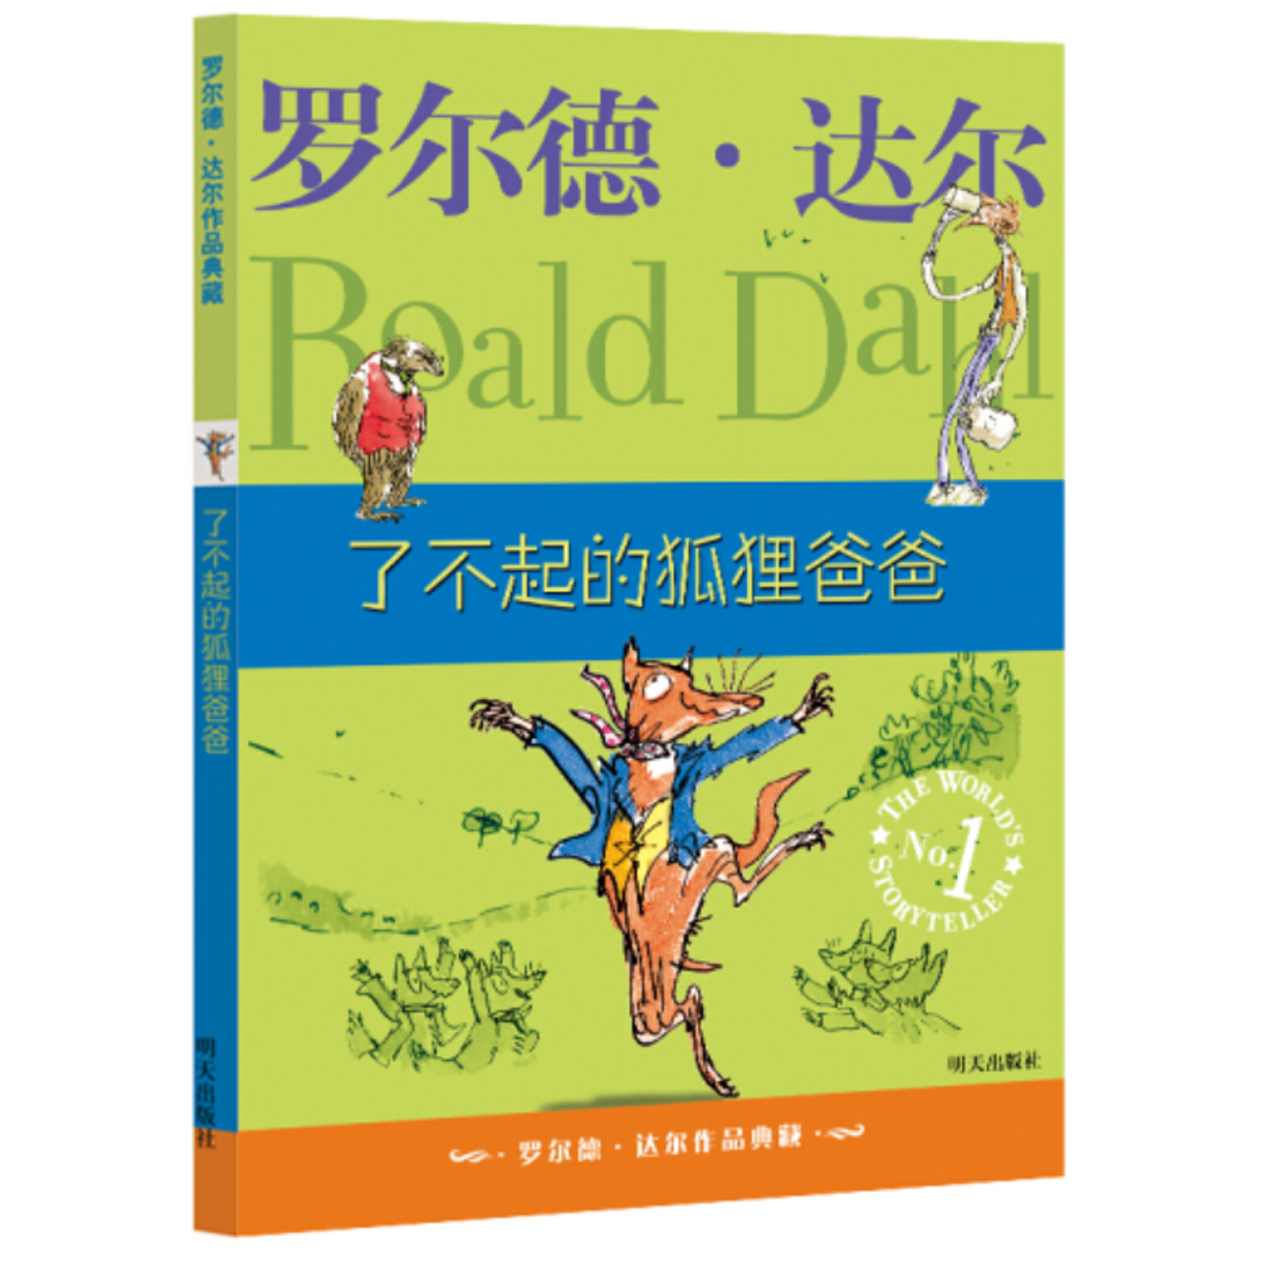 了不起的狐狸爸爸【儿童小说/青少年读物/翻译文学】